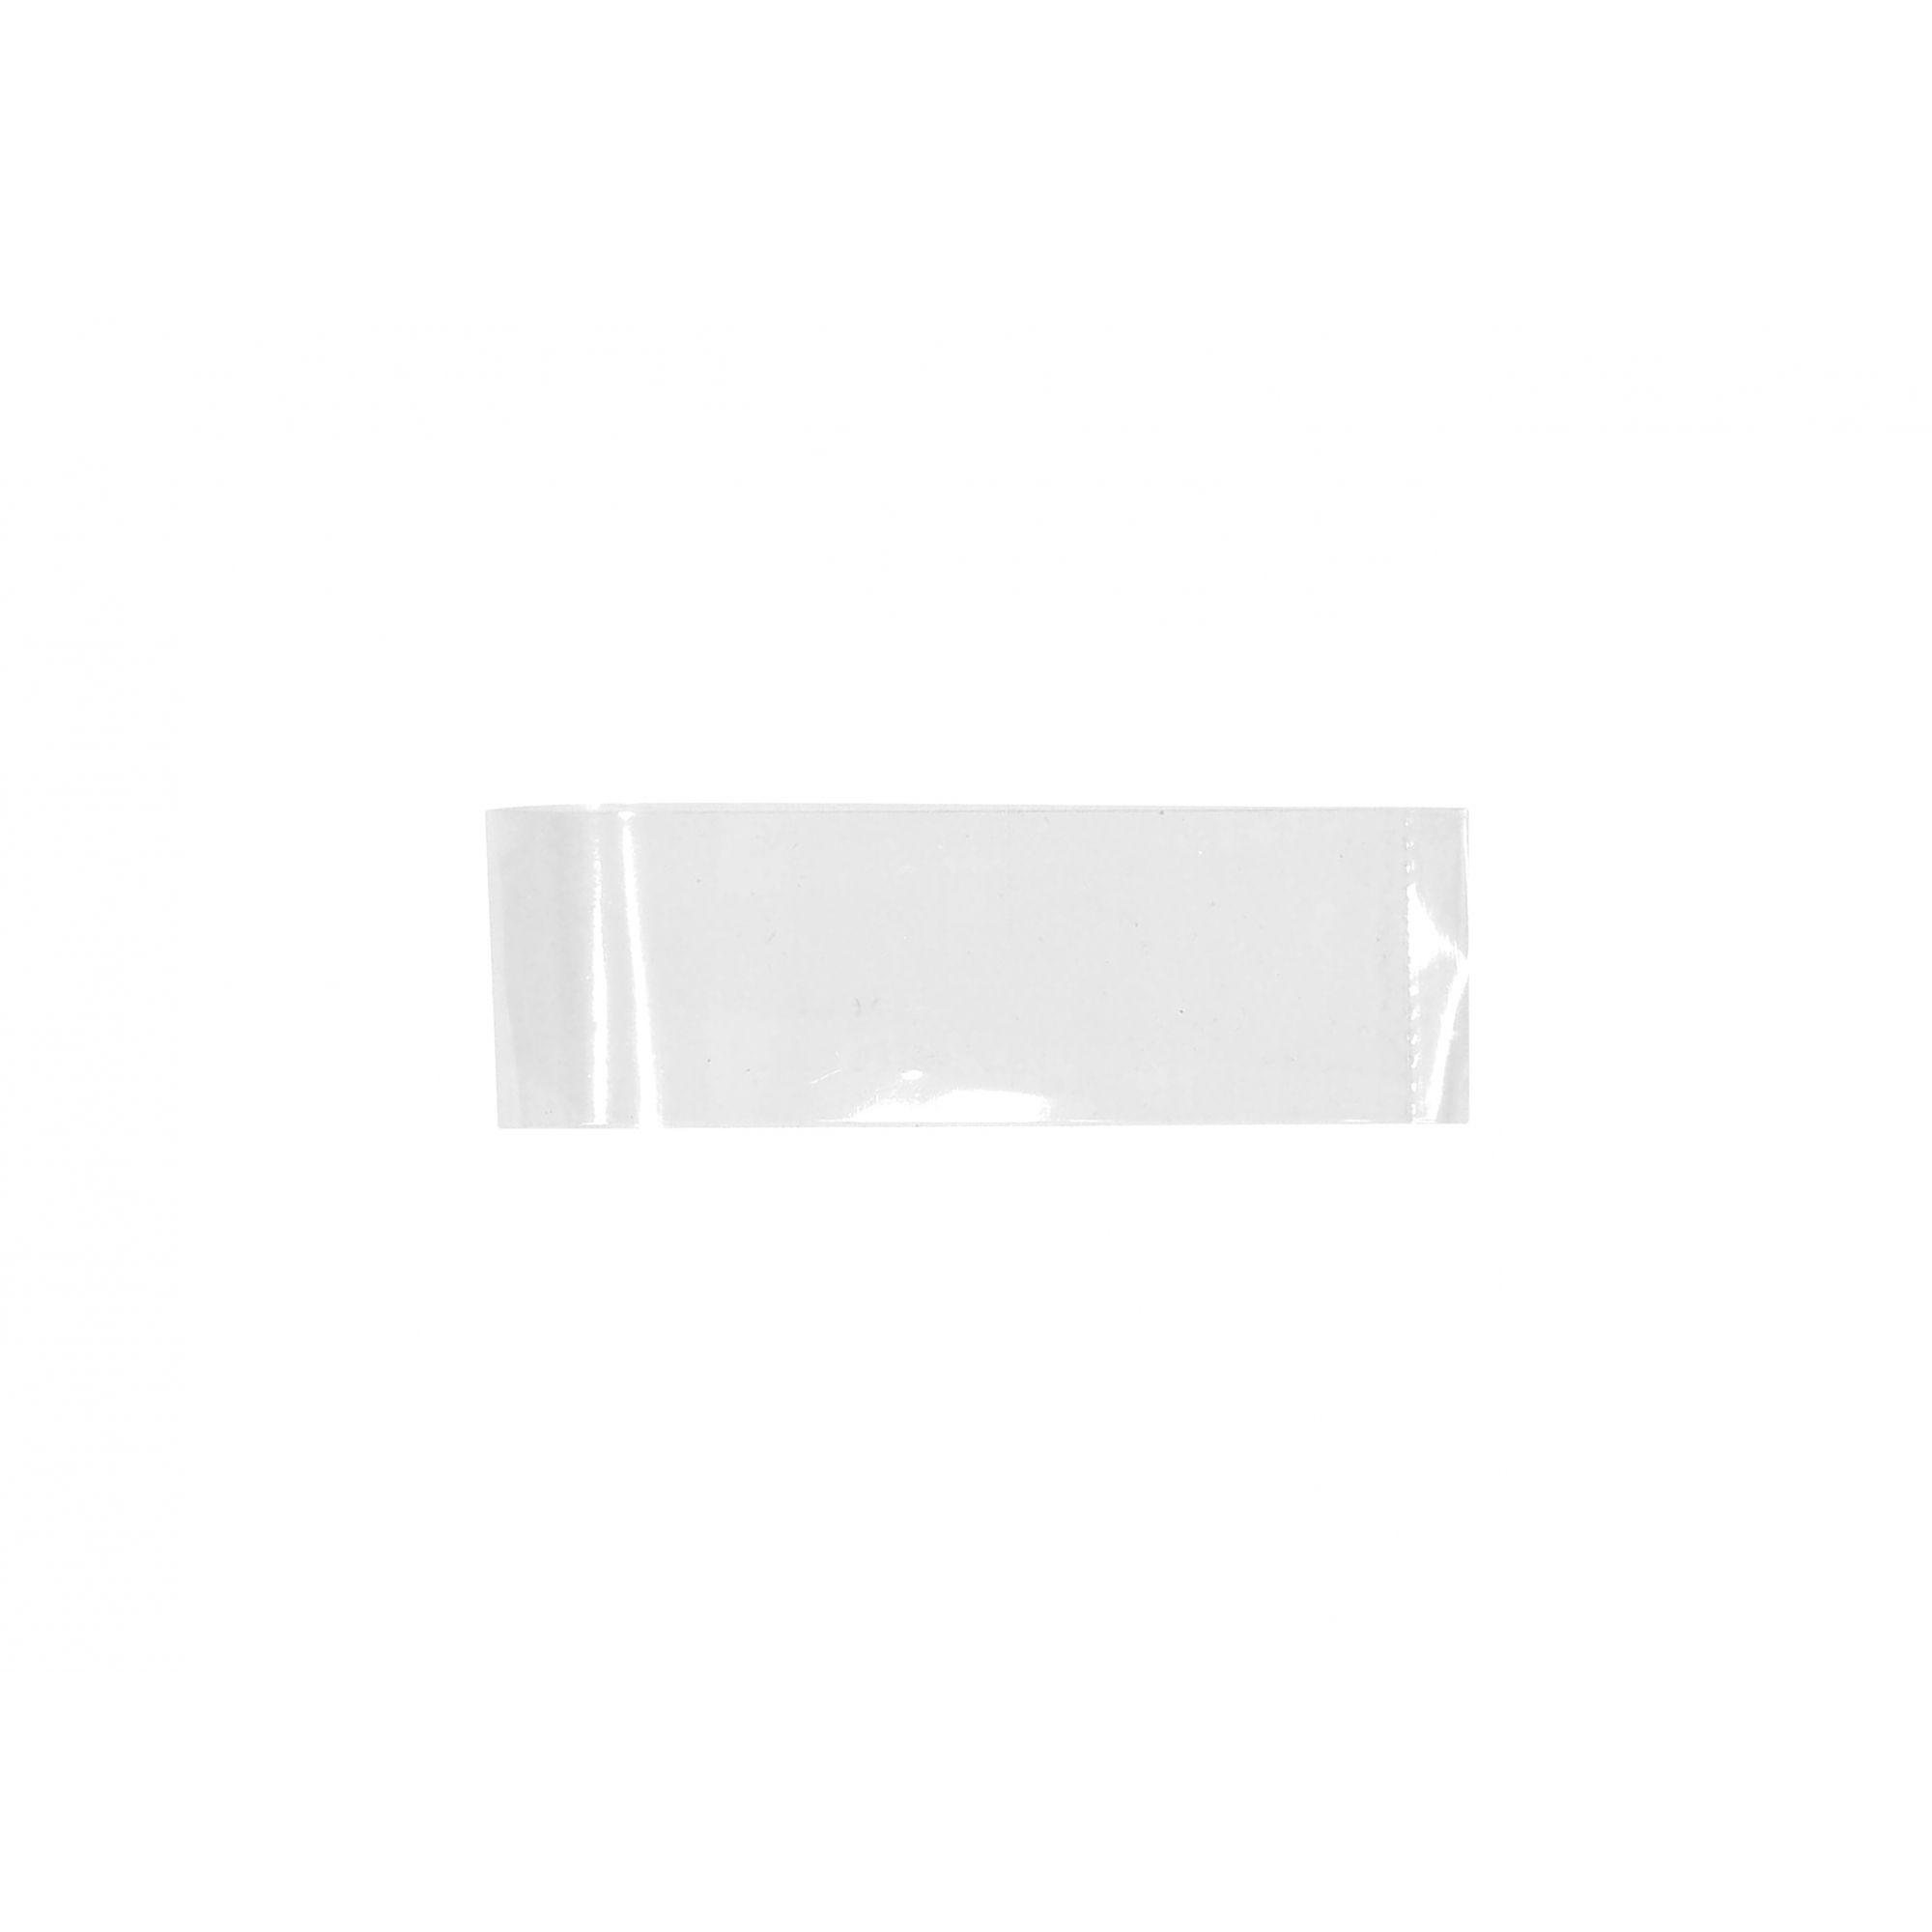 Lacre Termoencolhível 58mm Incolor - Kit com 1000 Unidades